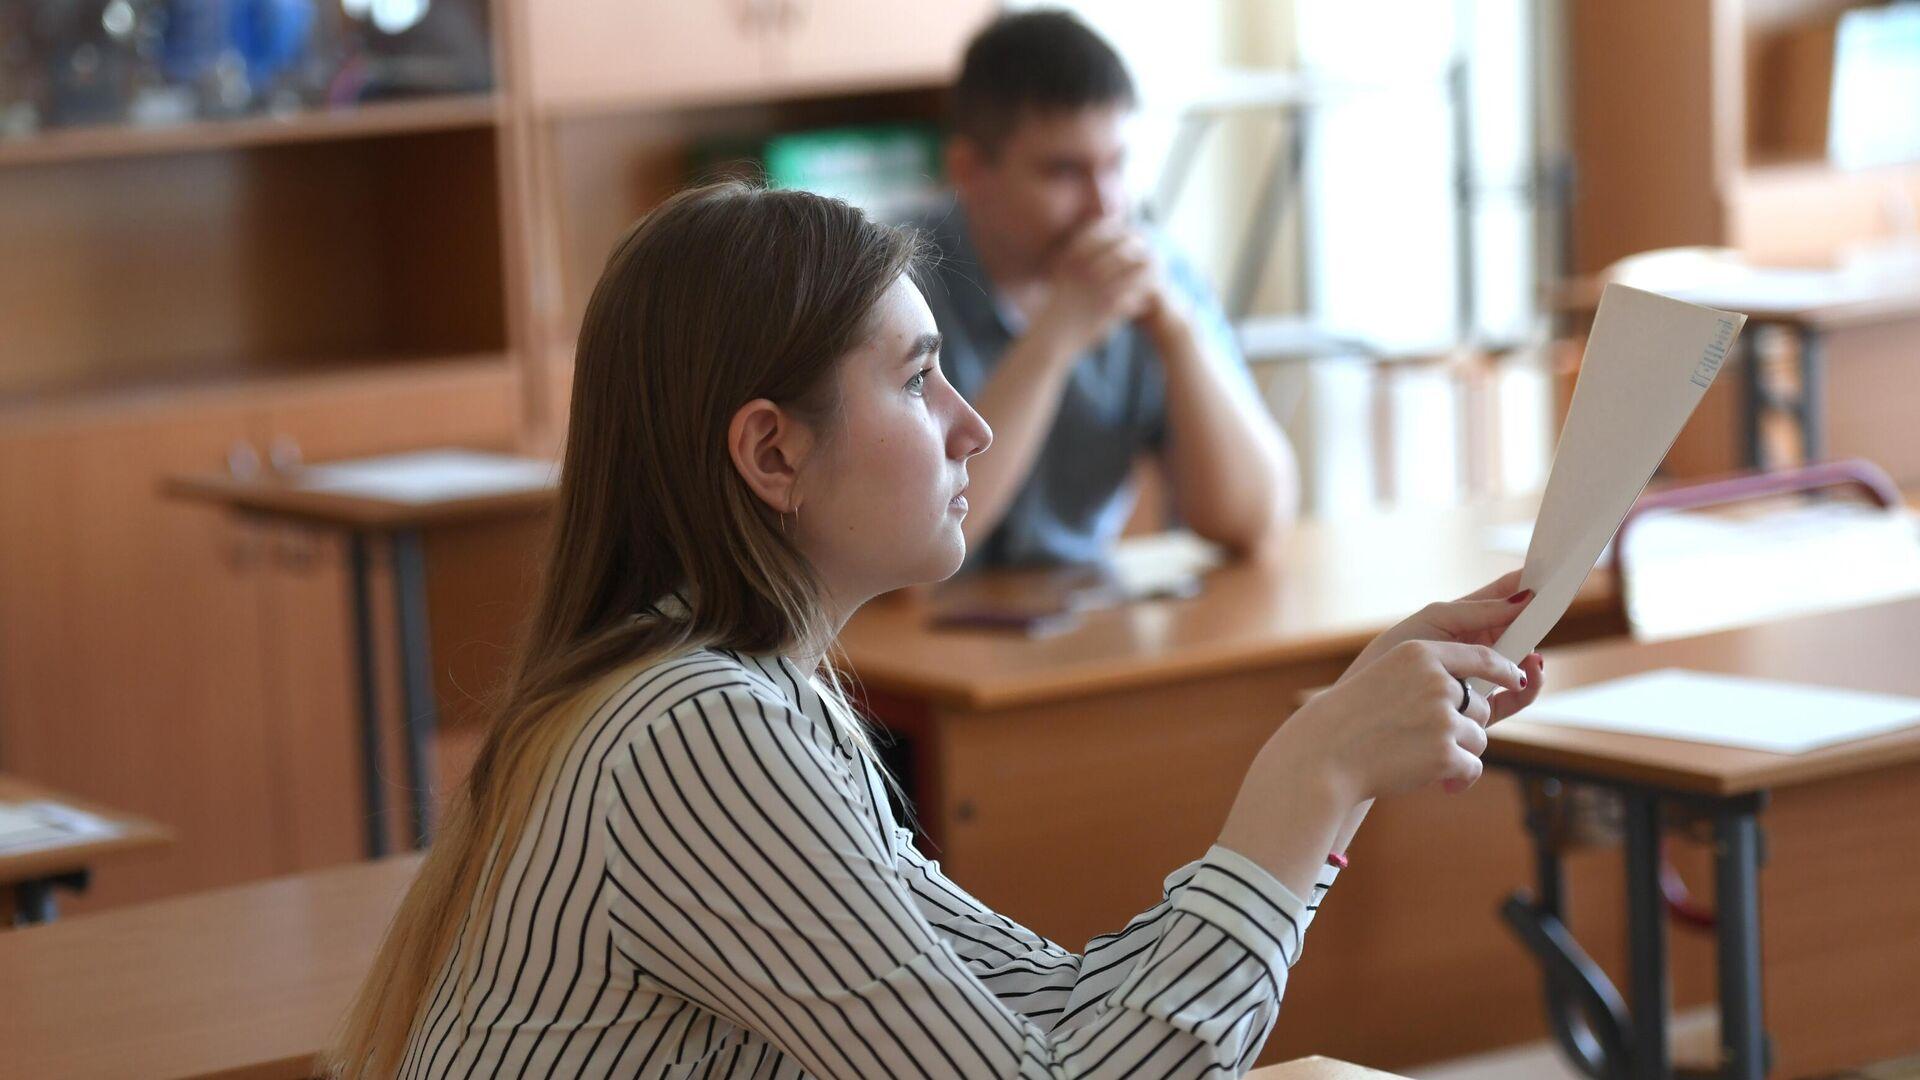 Экзамен в одной из школ Москвы  - РИА Новости, 1920, 15.01.2021